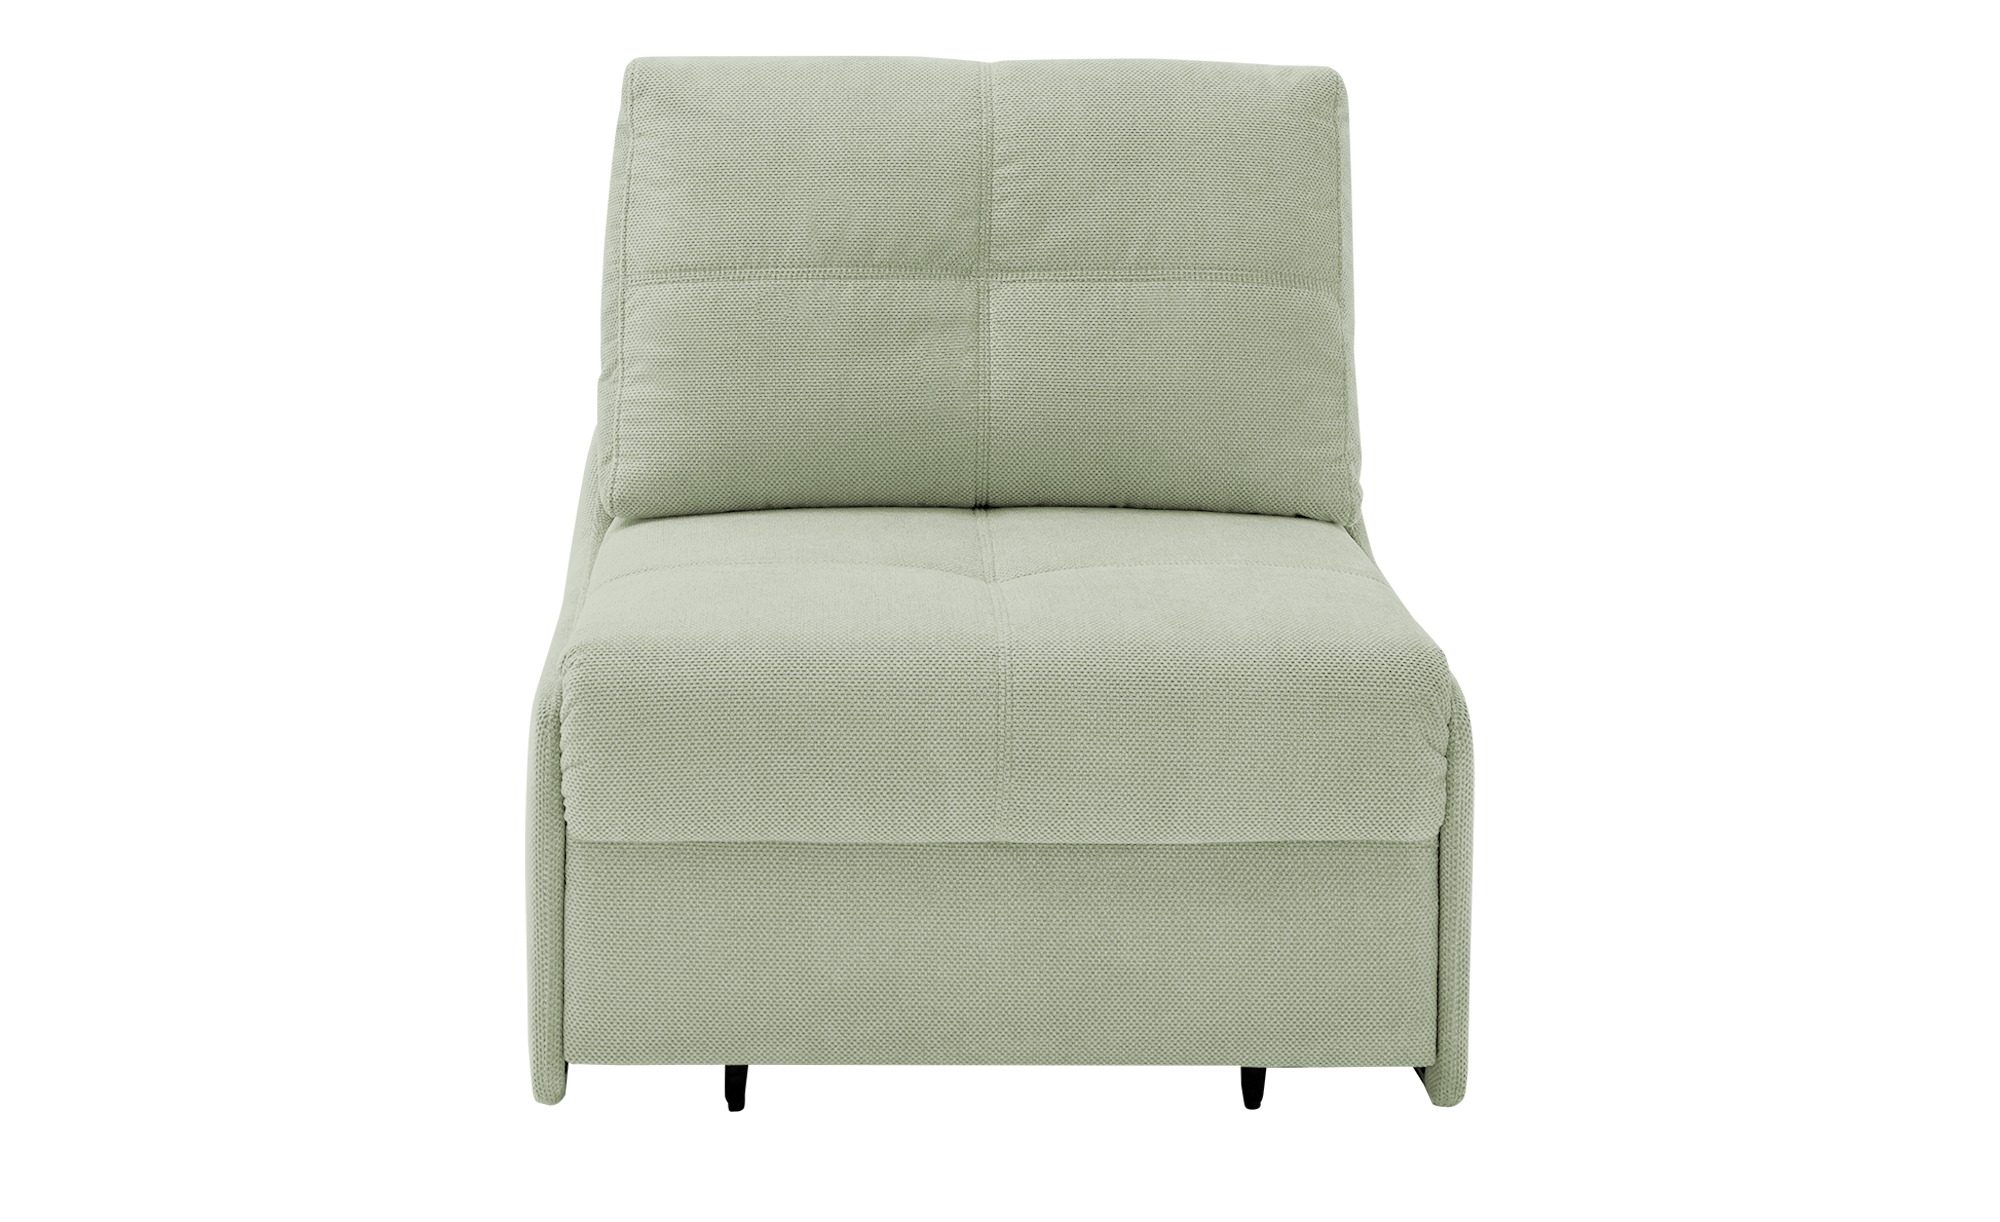 bobb Schlafsessel  Romina de Luxe ¦ grün ¦ Maße (cm): B: 88 H: 92 T: 103 Polstermöbel > Sofas > Einzelsofas - Höffner